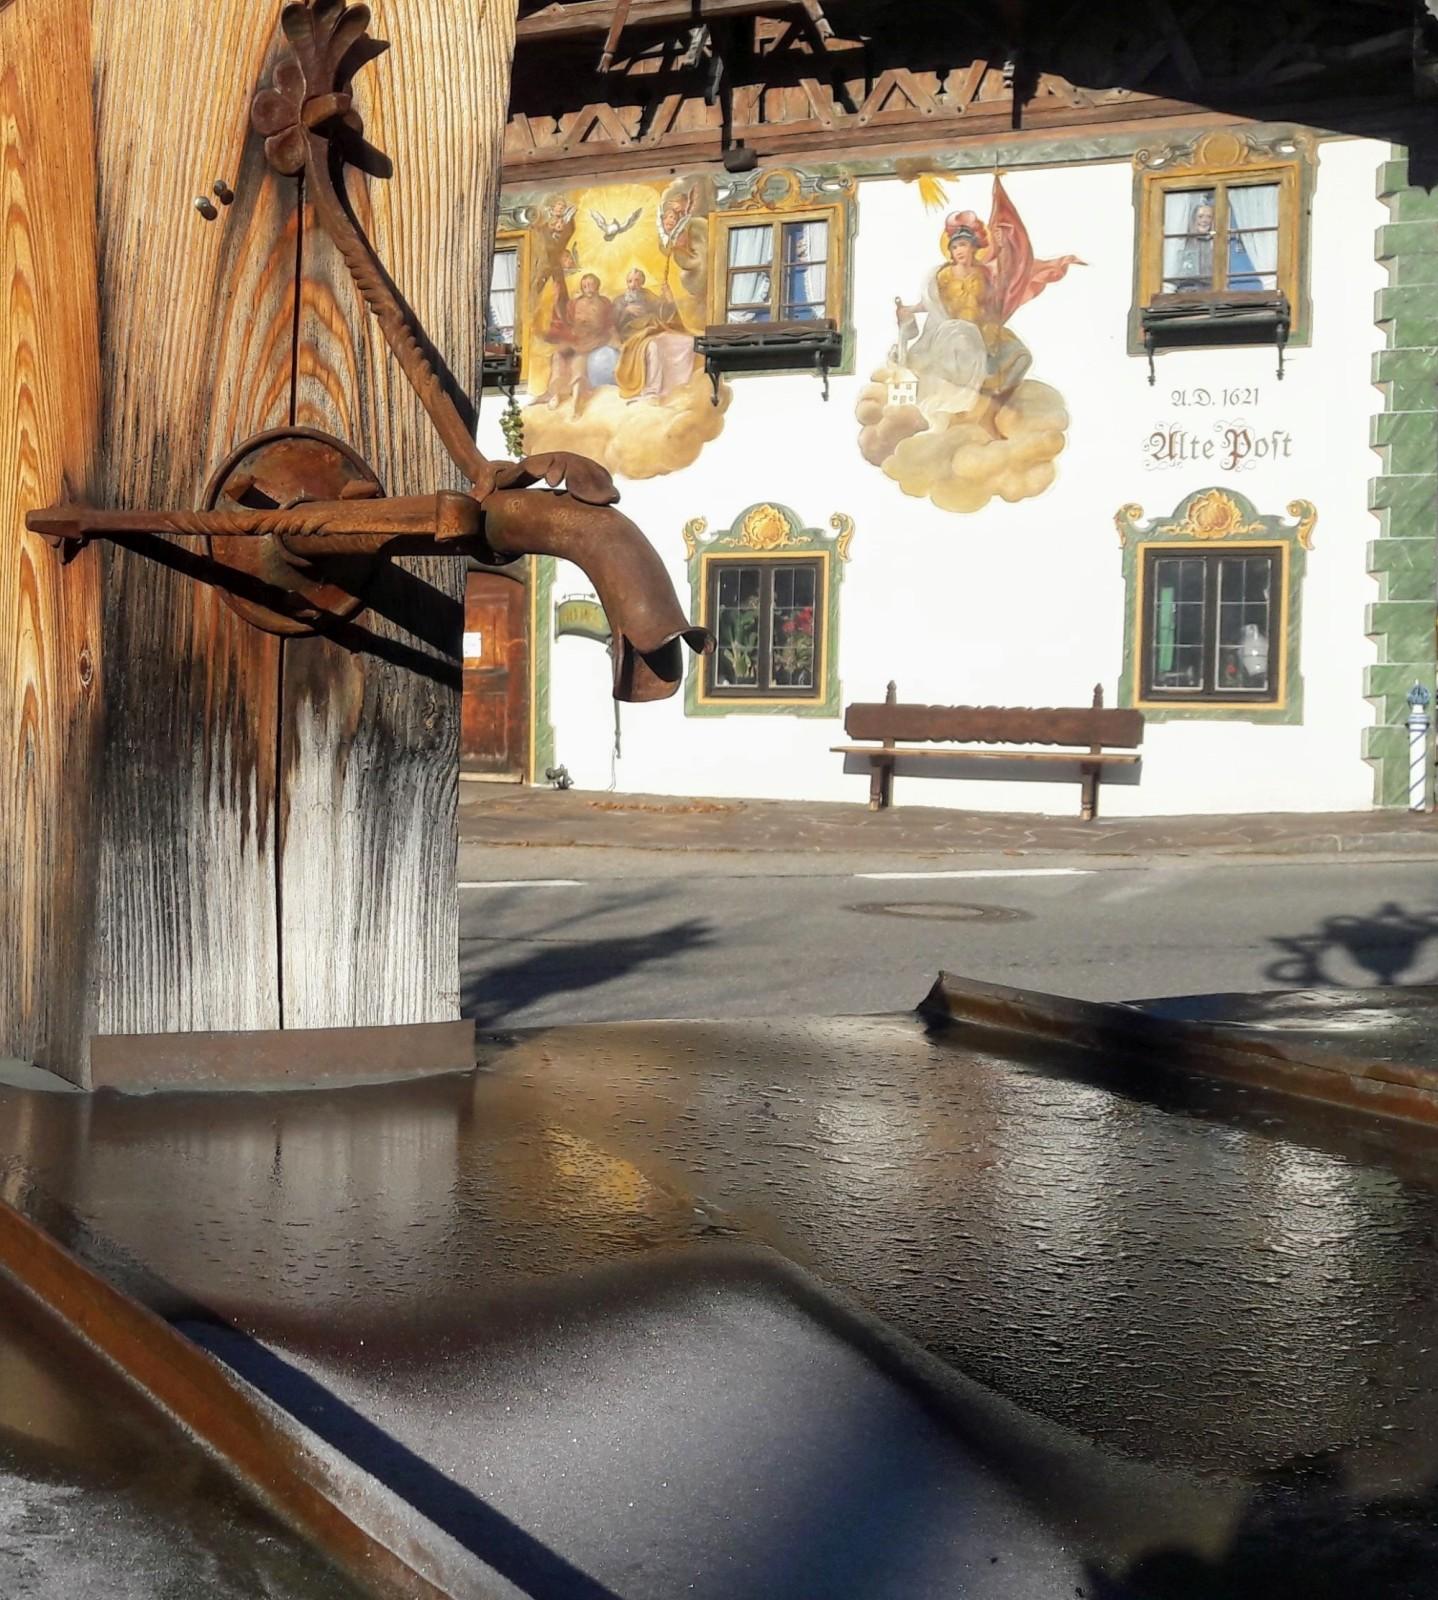 Reif taut in der Morgensonne am Wallgauer Dorfplatz